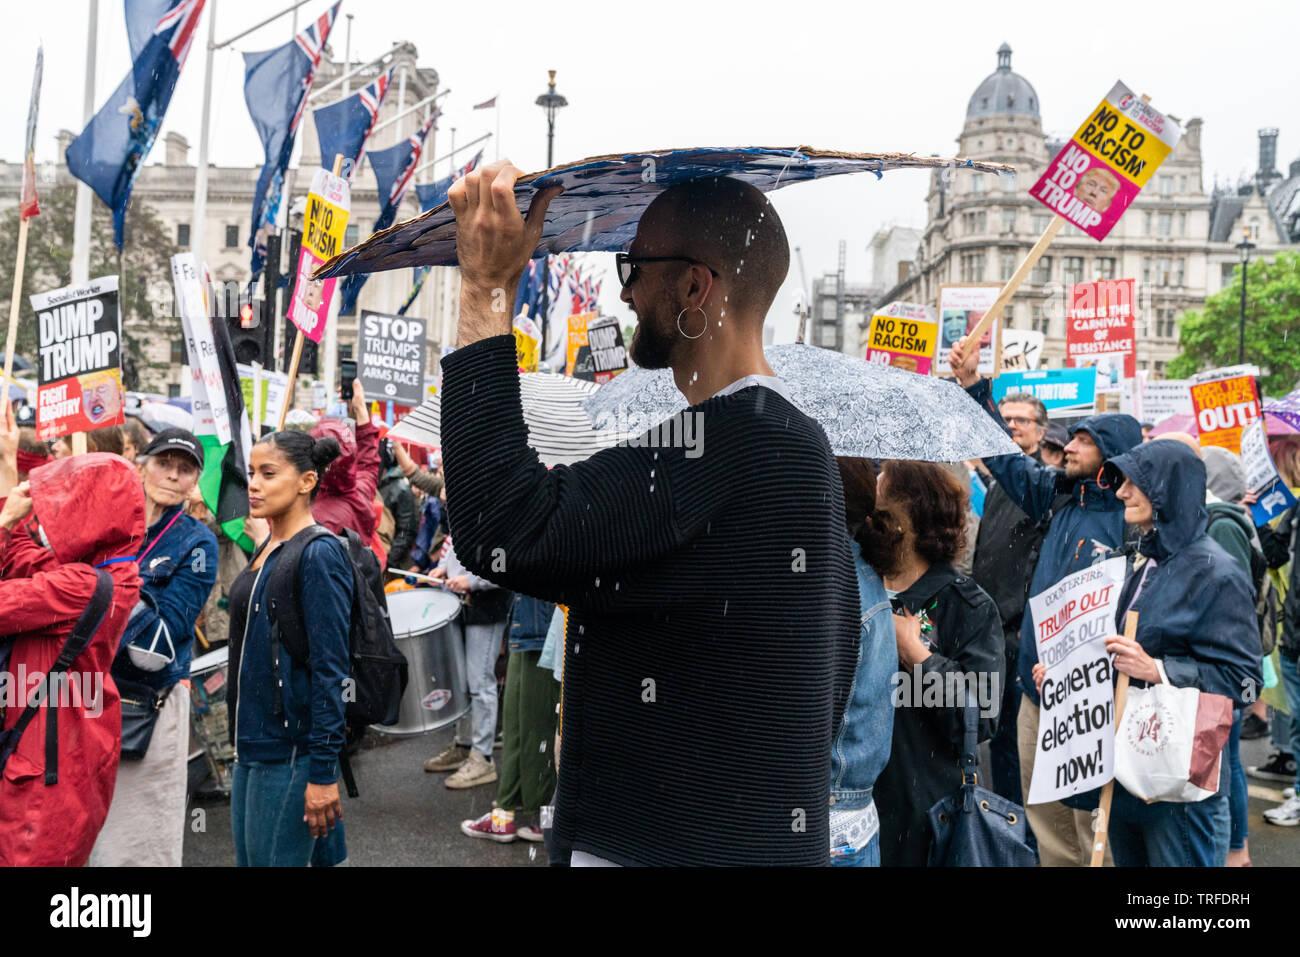 4 juin 2019. Londres, Royaume-Uni. Trump anti rassemblement à Westminster. Un protestataire se cache de la pluie sous la plaque. Banque D'Images